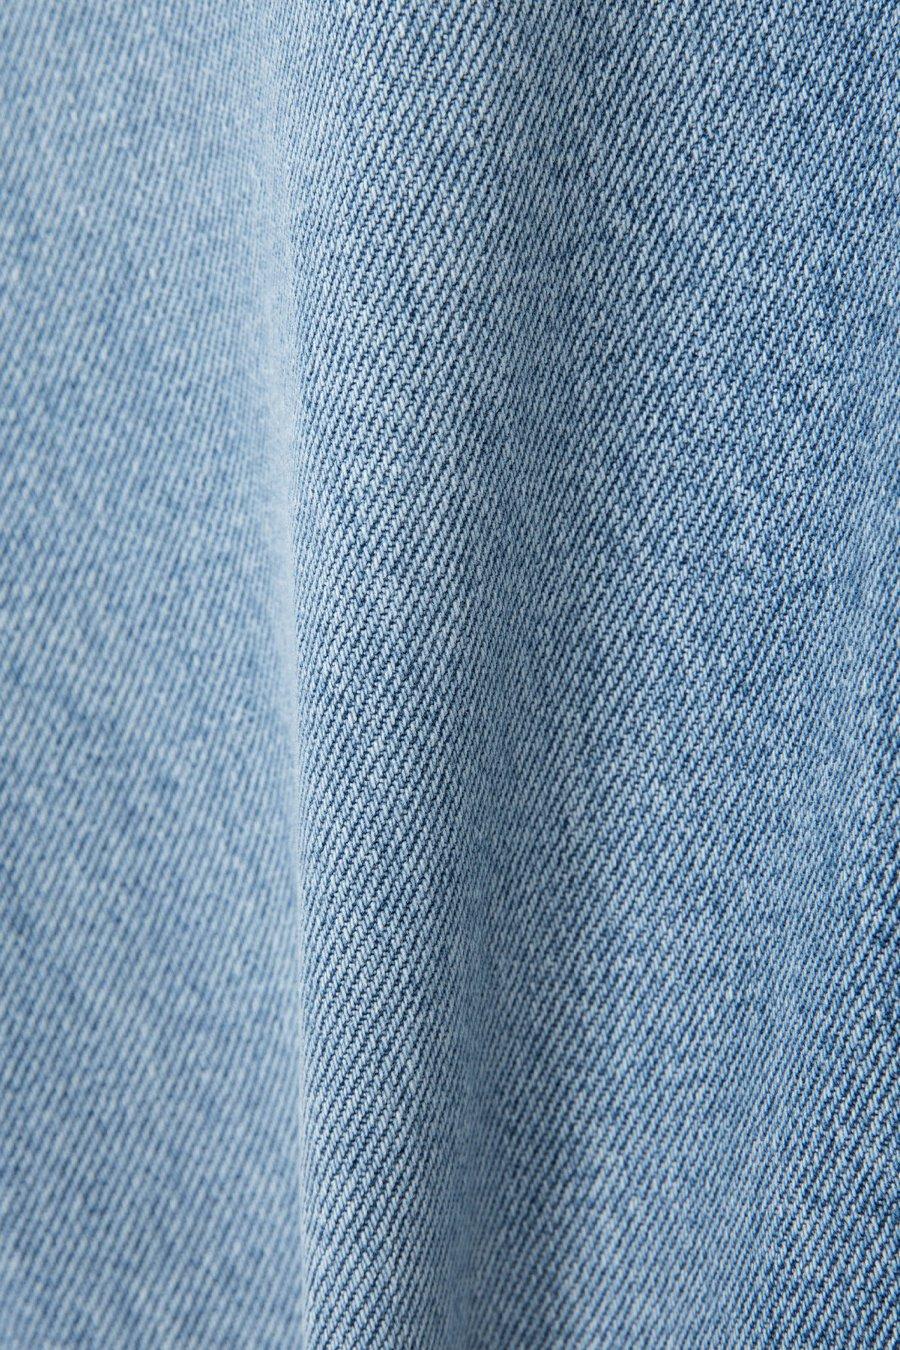 인사일런스 우먼(INSILENCE WOMEN) 카펜터 데님 팬츠 BLUE